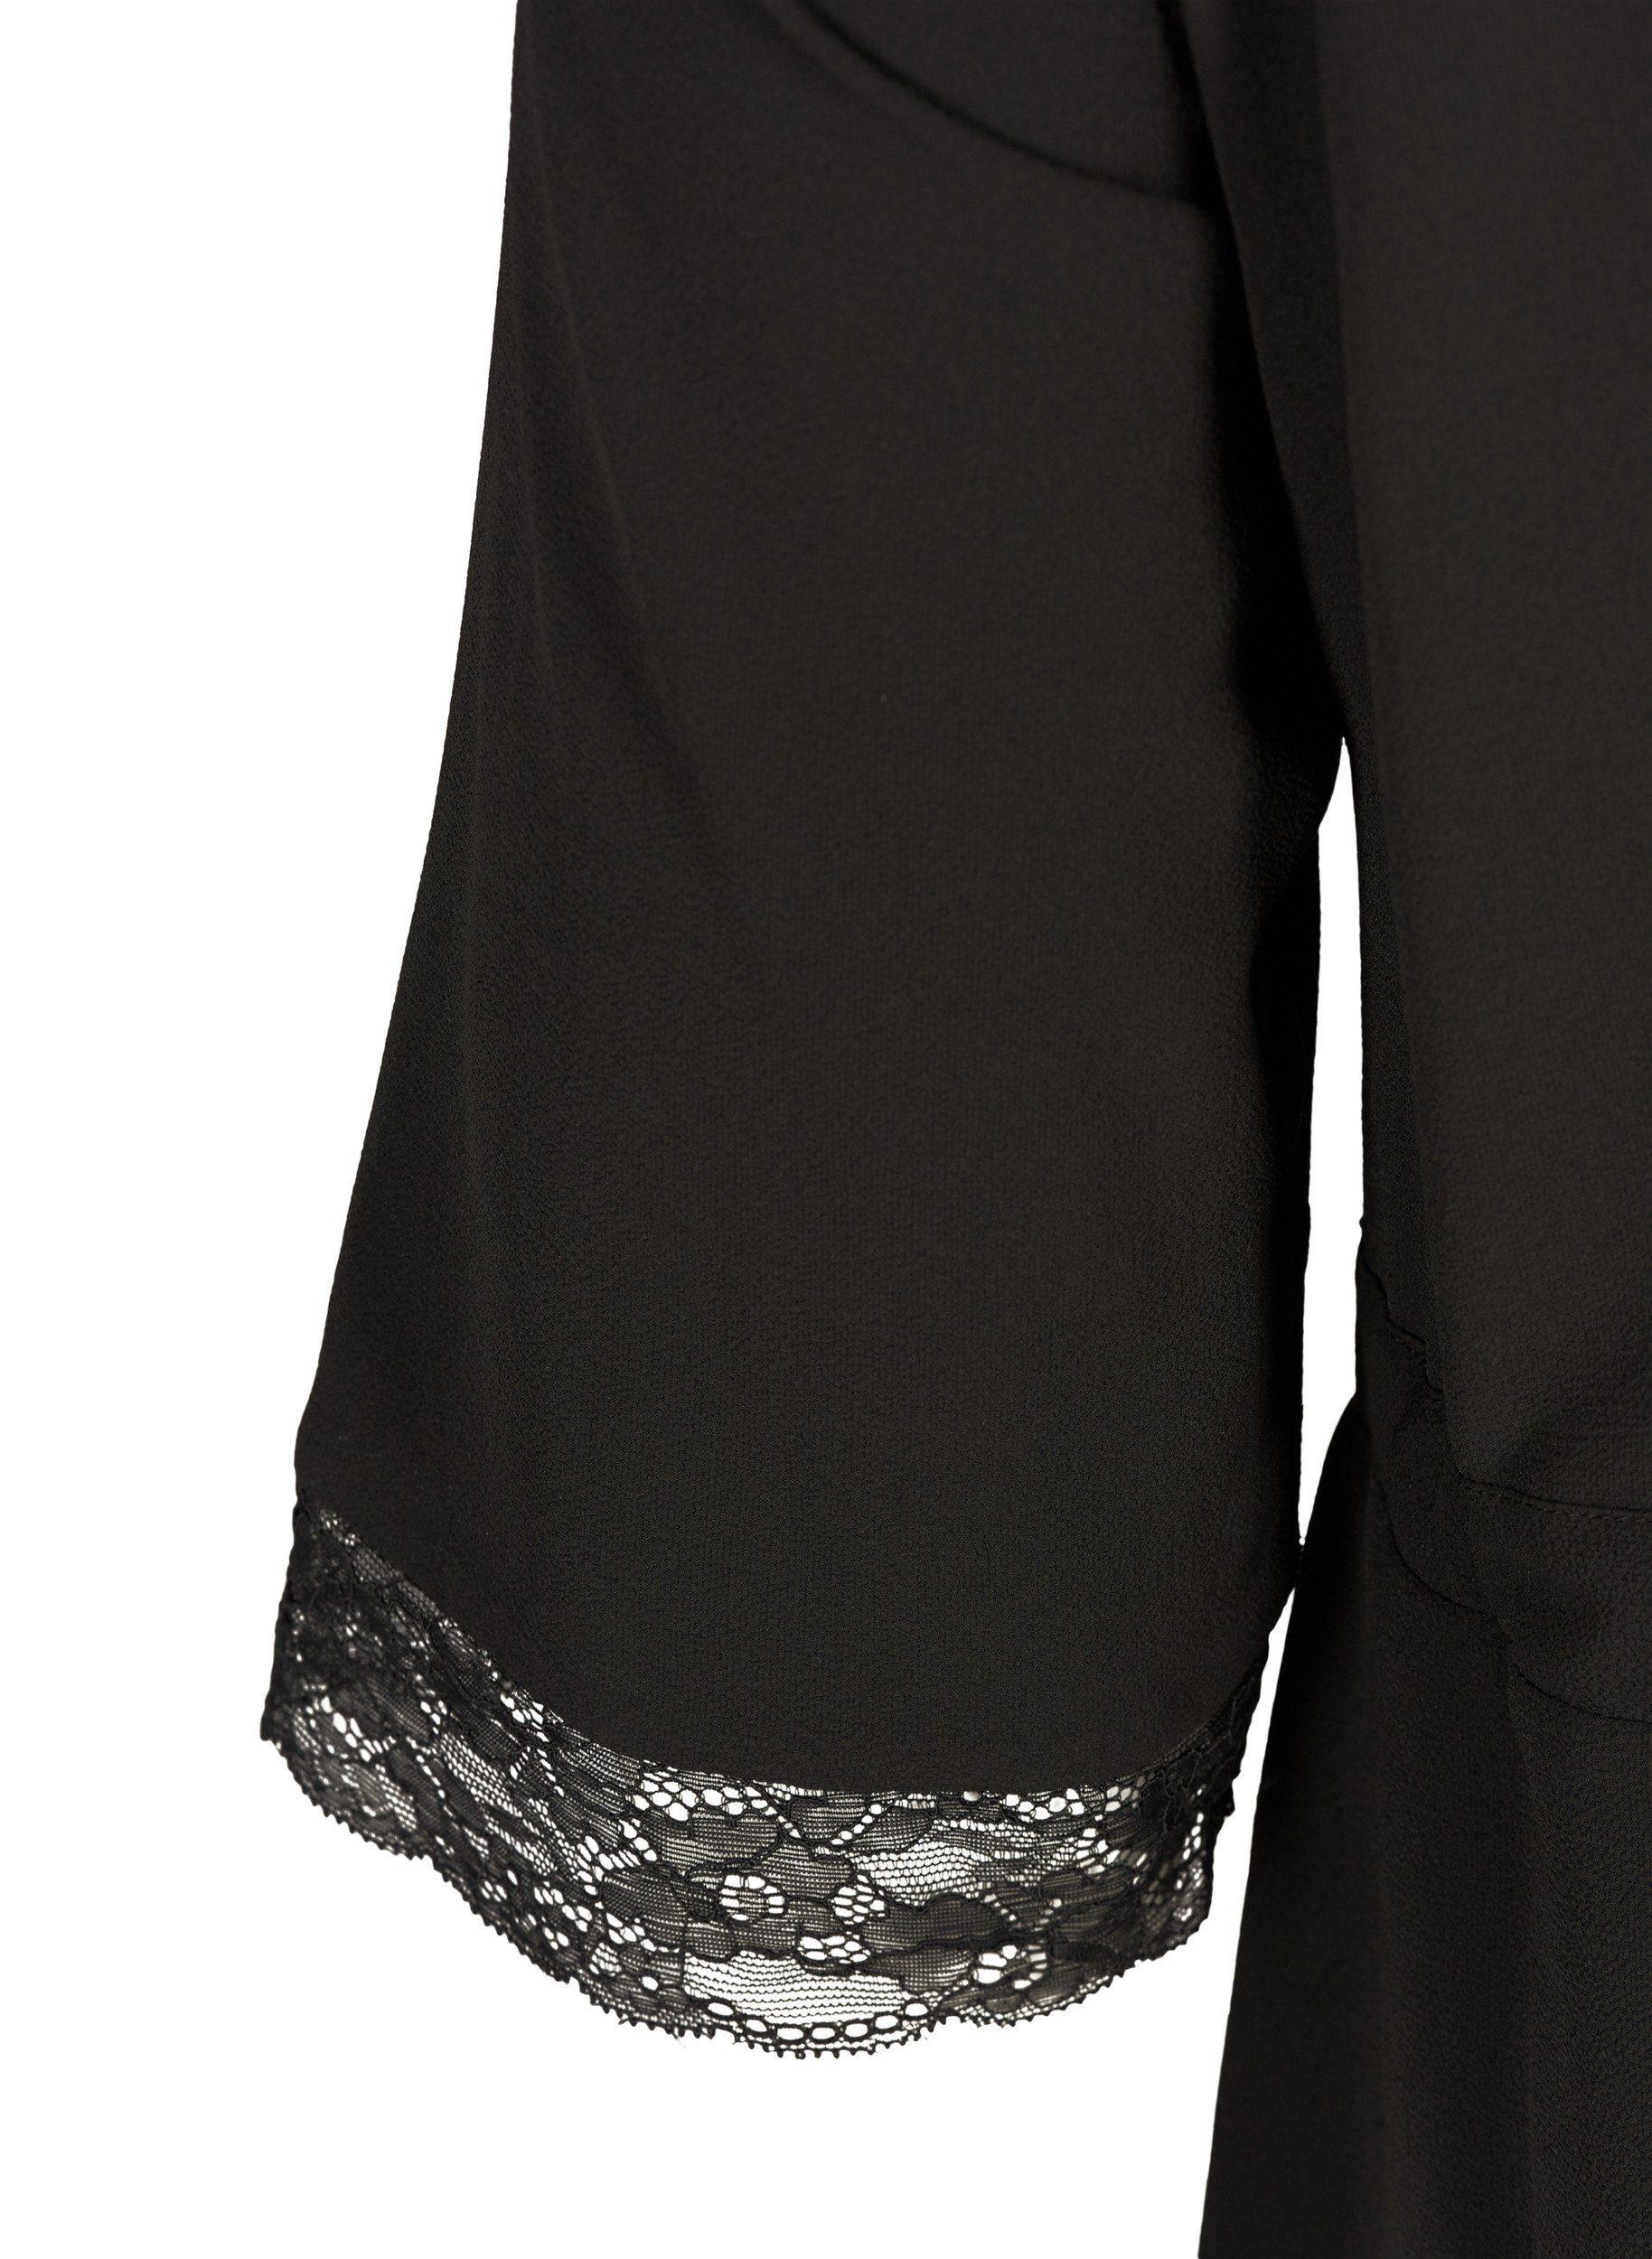 Zizzi Spitzenkleid Damen Große Größen Kleid Elegant Spitze 3/4 Arm Online Kaufen